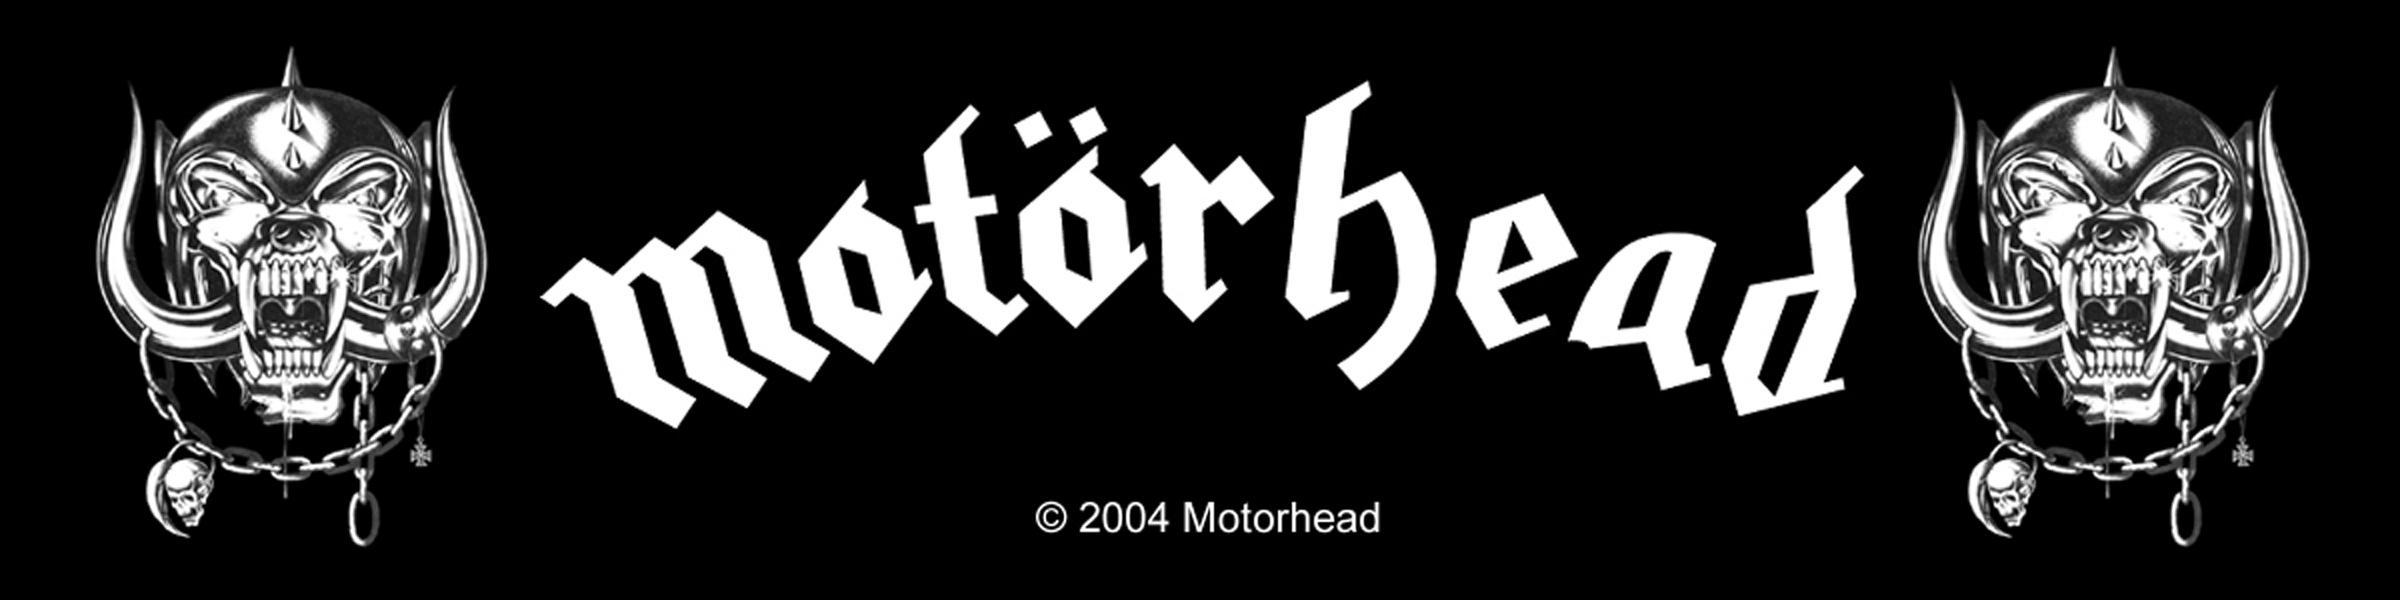 Logos de grupos 1205402770_motorhead-logo-warpigs